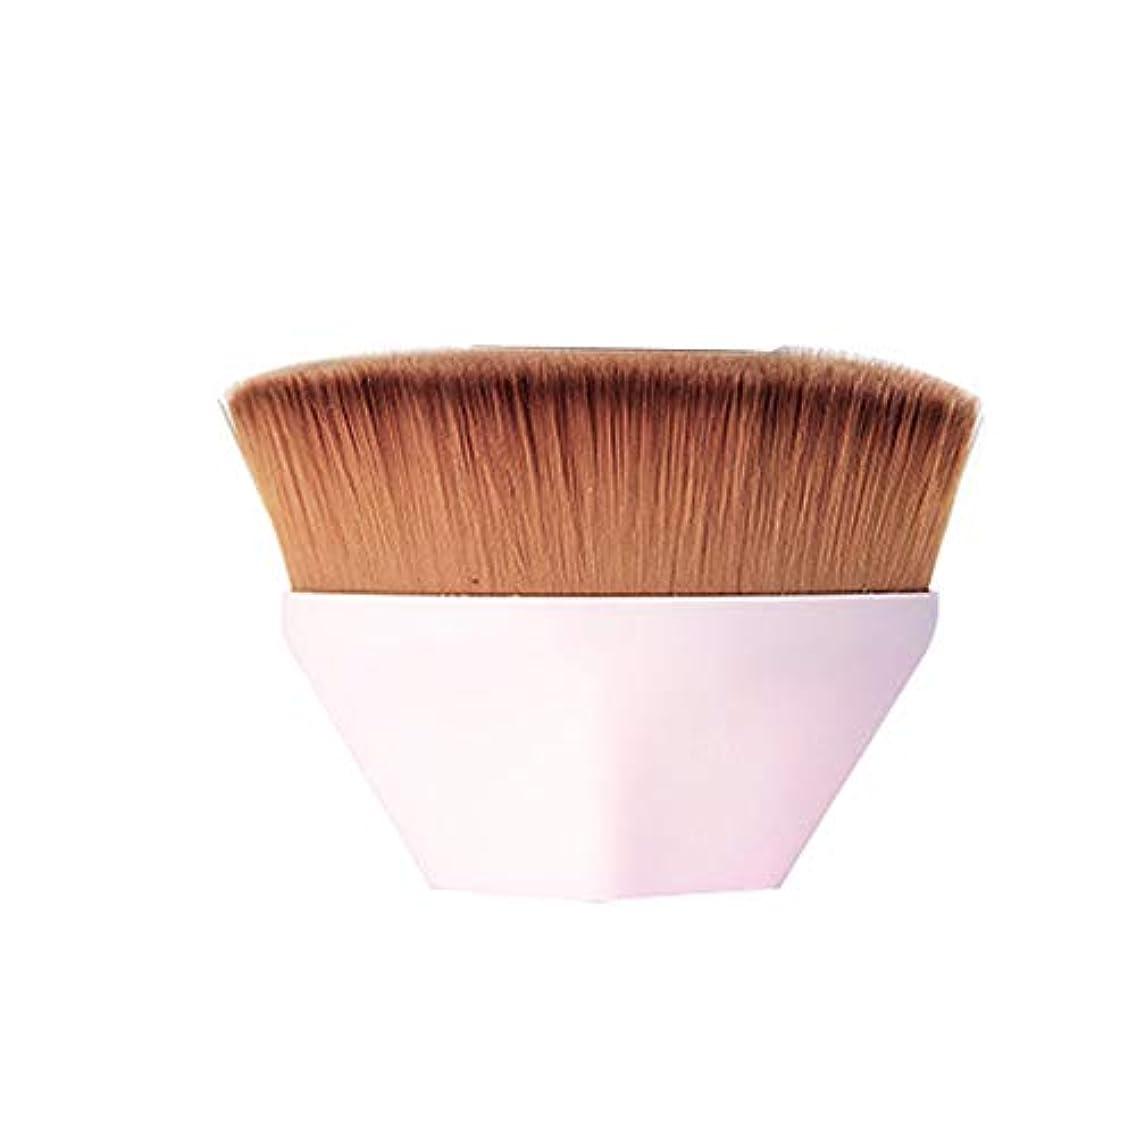 オープナーホイールアシストYuJiny メイクアップブラシ 粧ブラシ 可愛い 化粧筆 肌に優しい ファンデーションブラシ アイシャドウブラシ 携帯便利 (ホワイト)